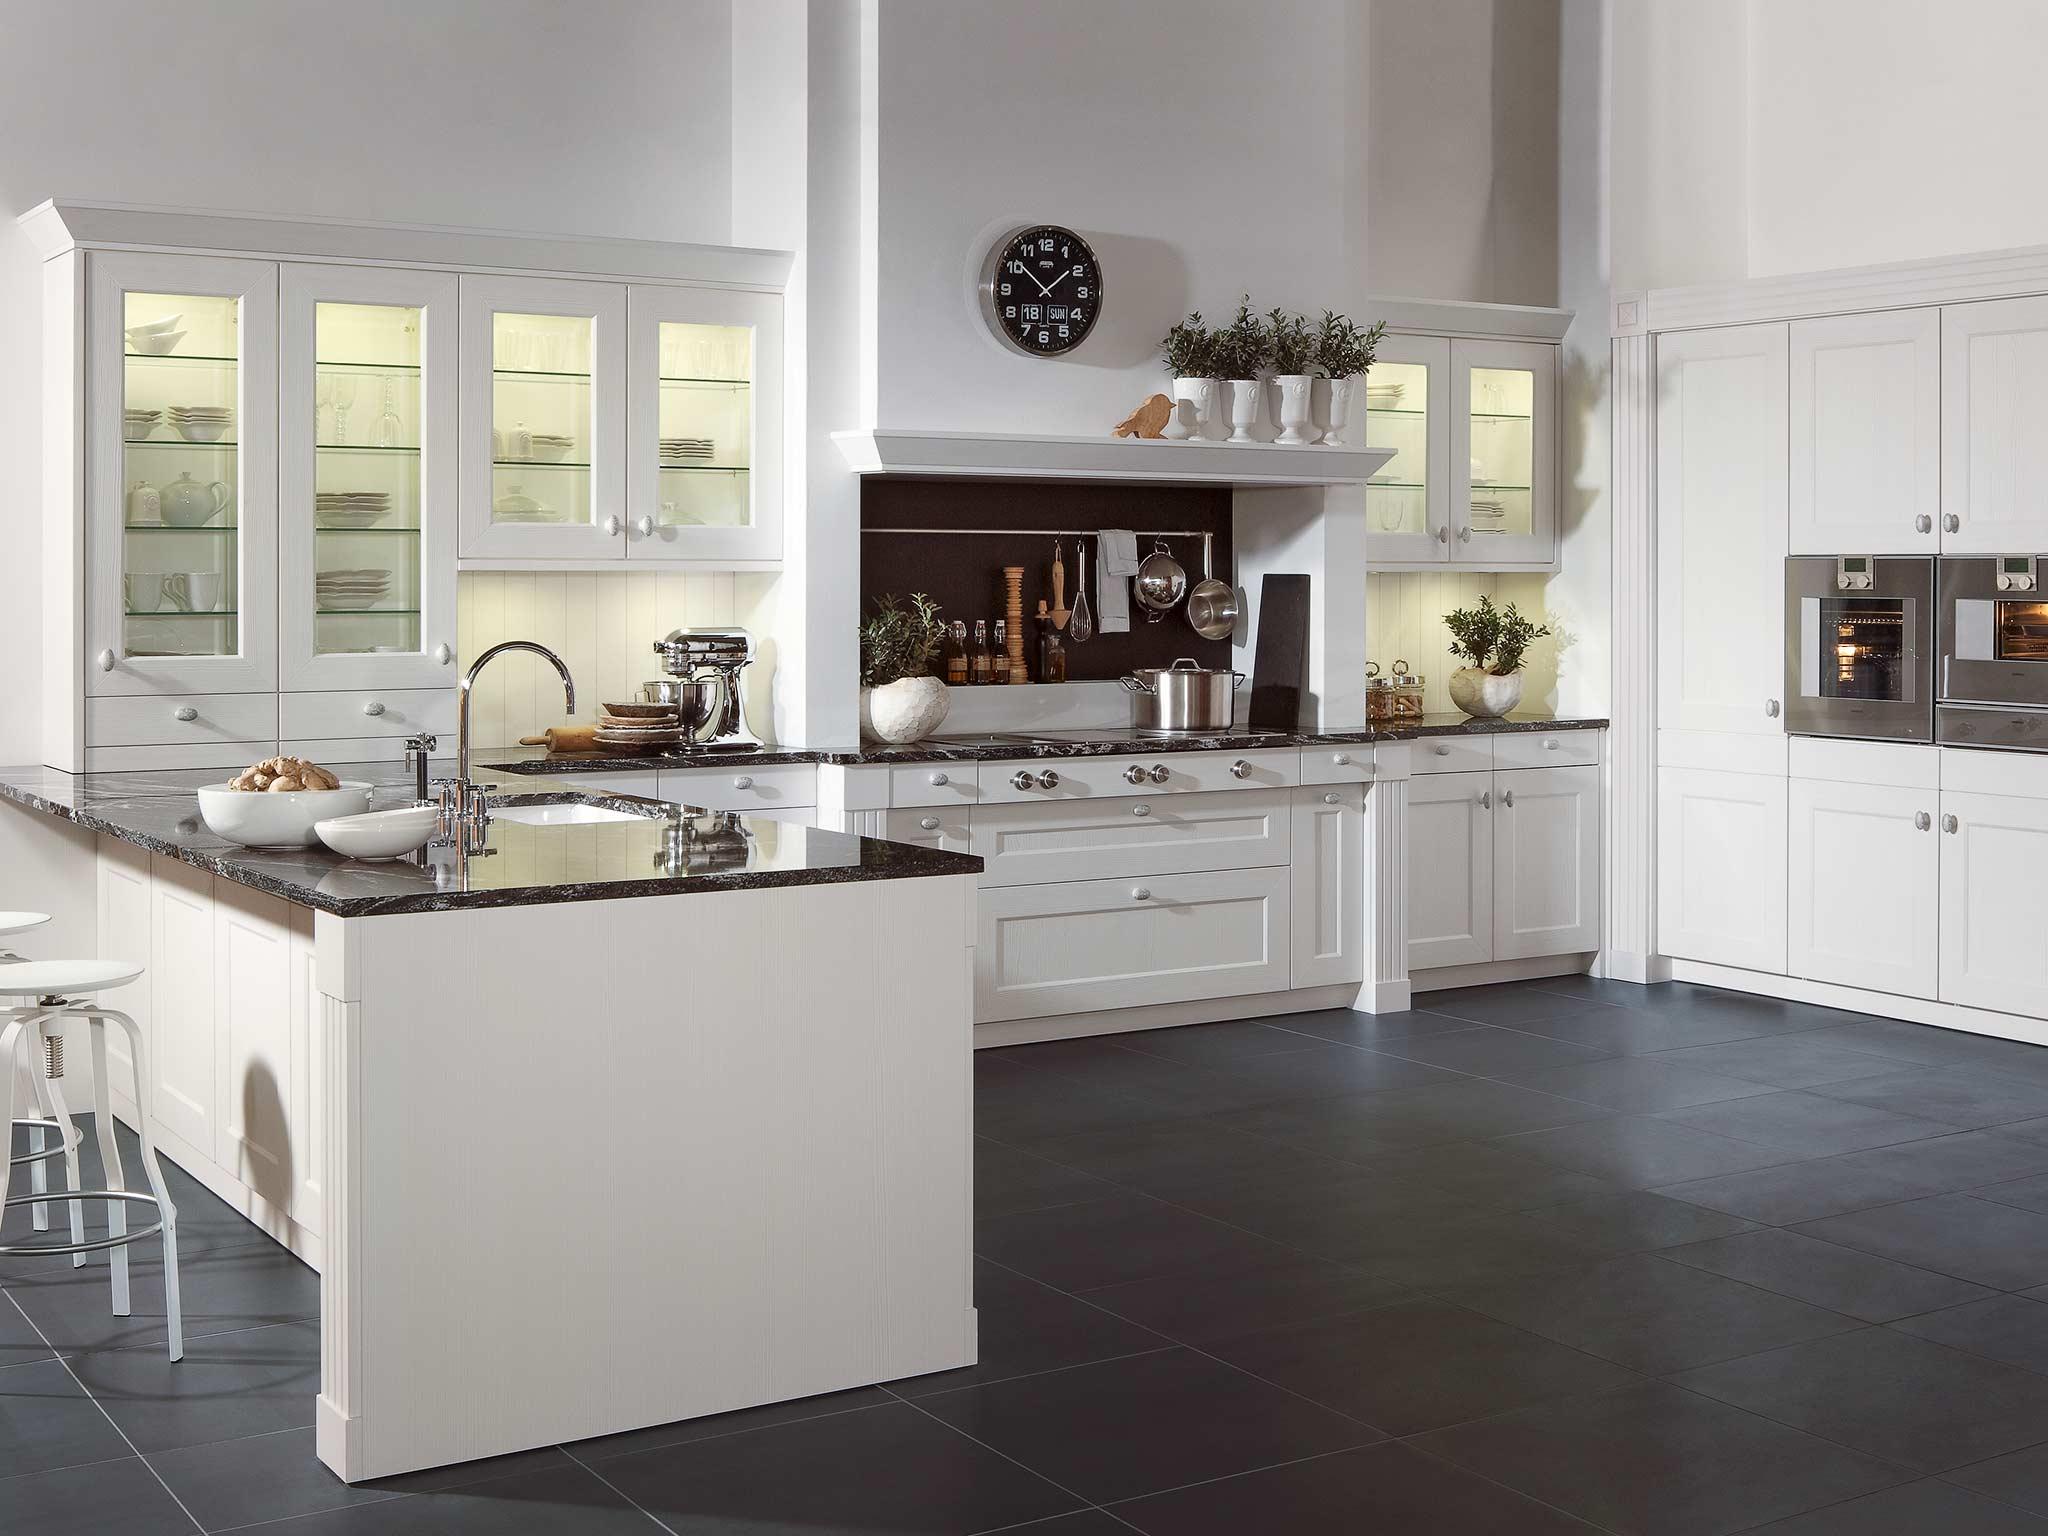 küchenhaus Kreativ – Das Beste für Ihr Zuhause